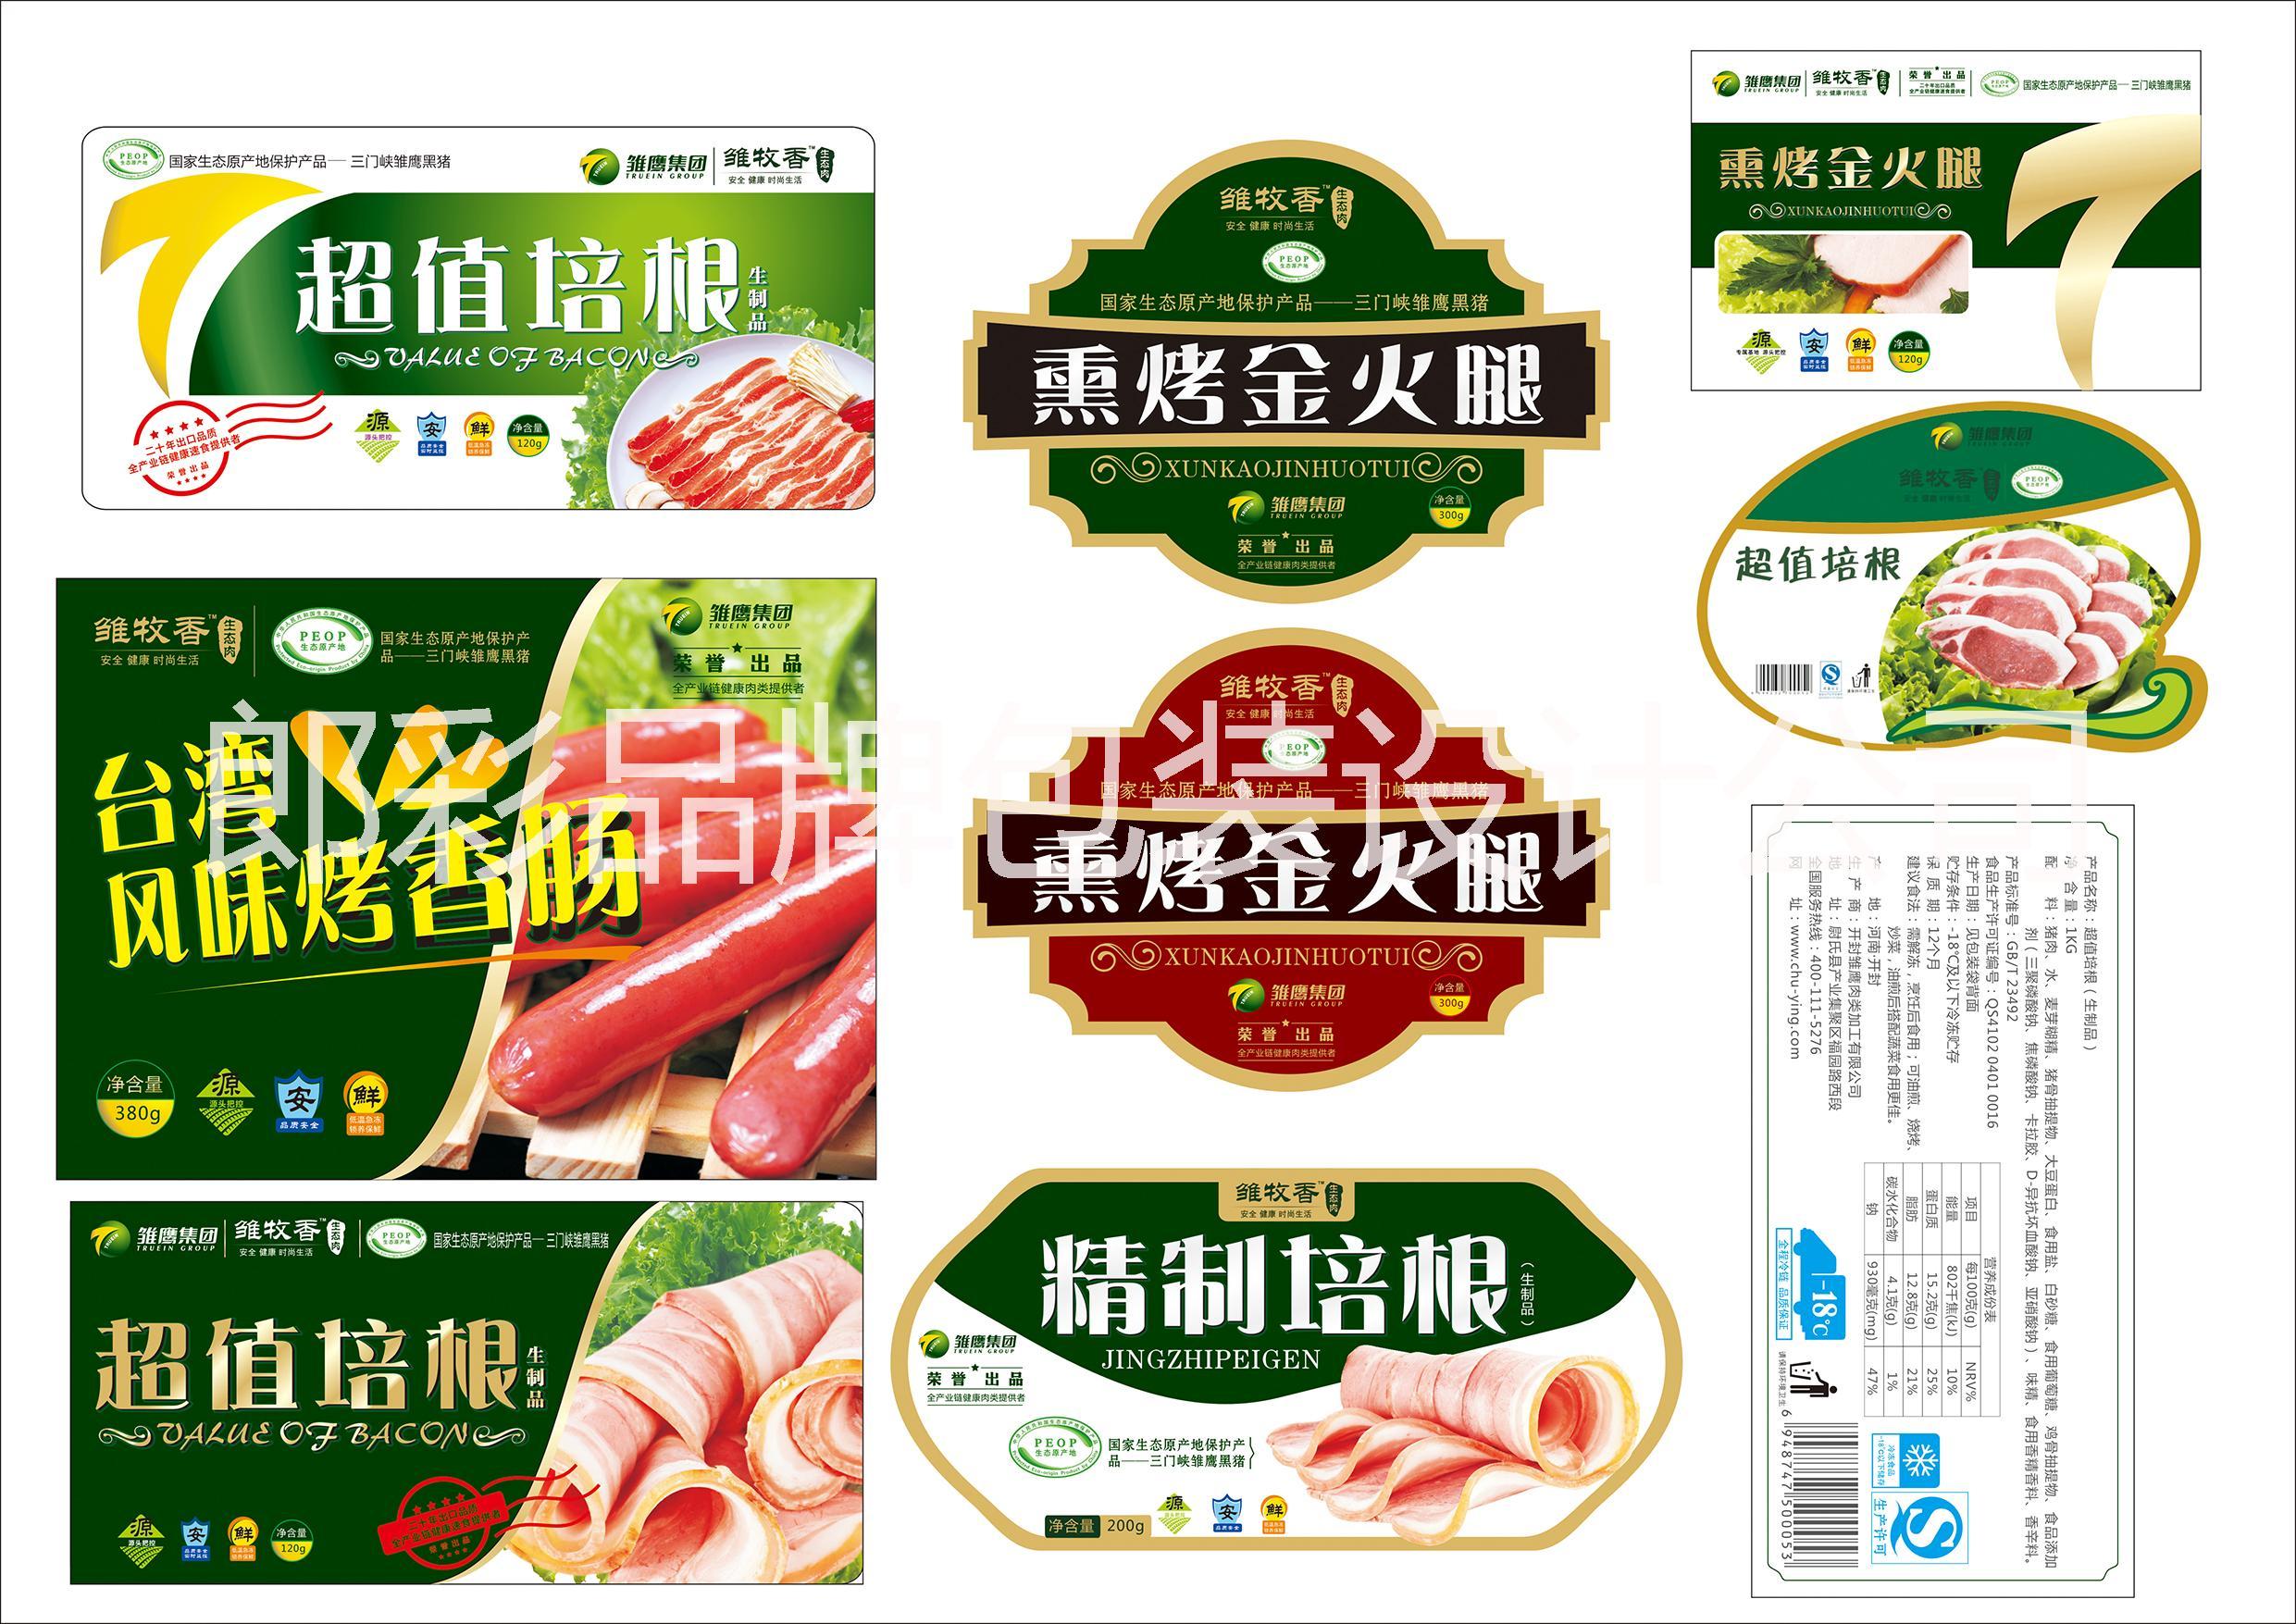 郑州包装设计图片/郑州包装设计样板图 (2)